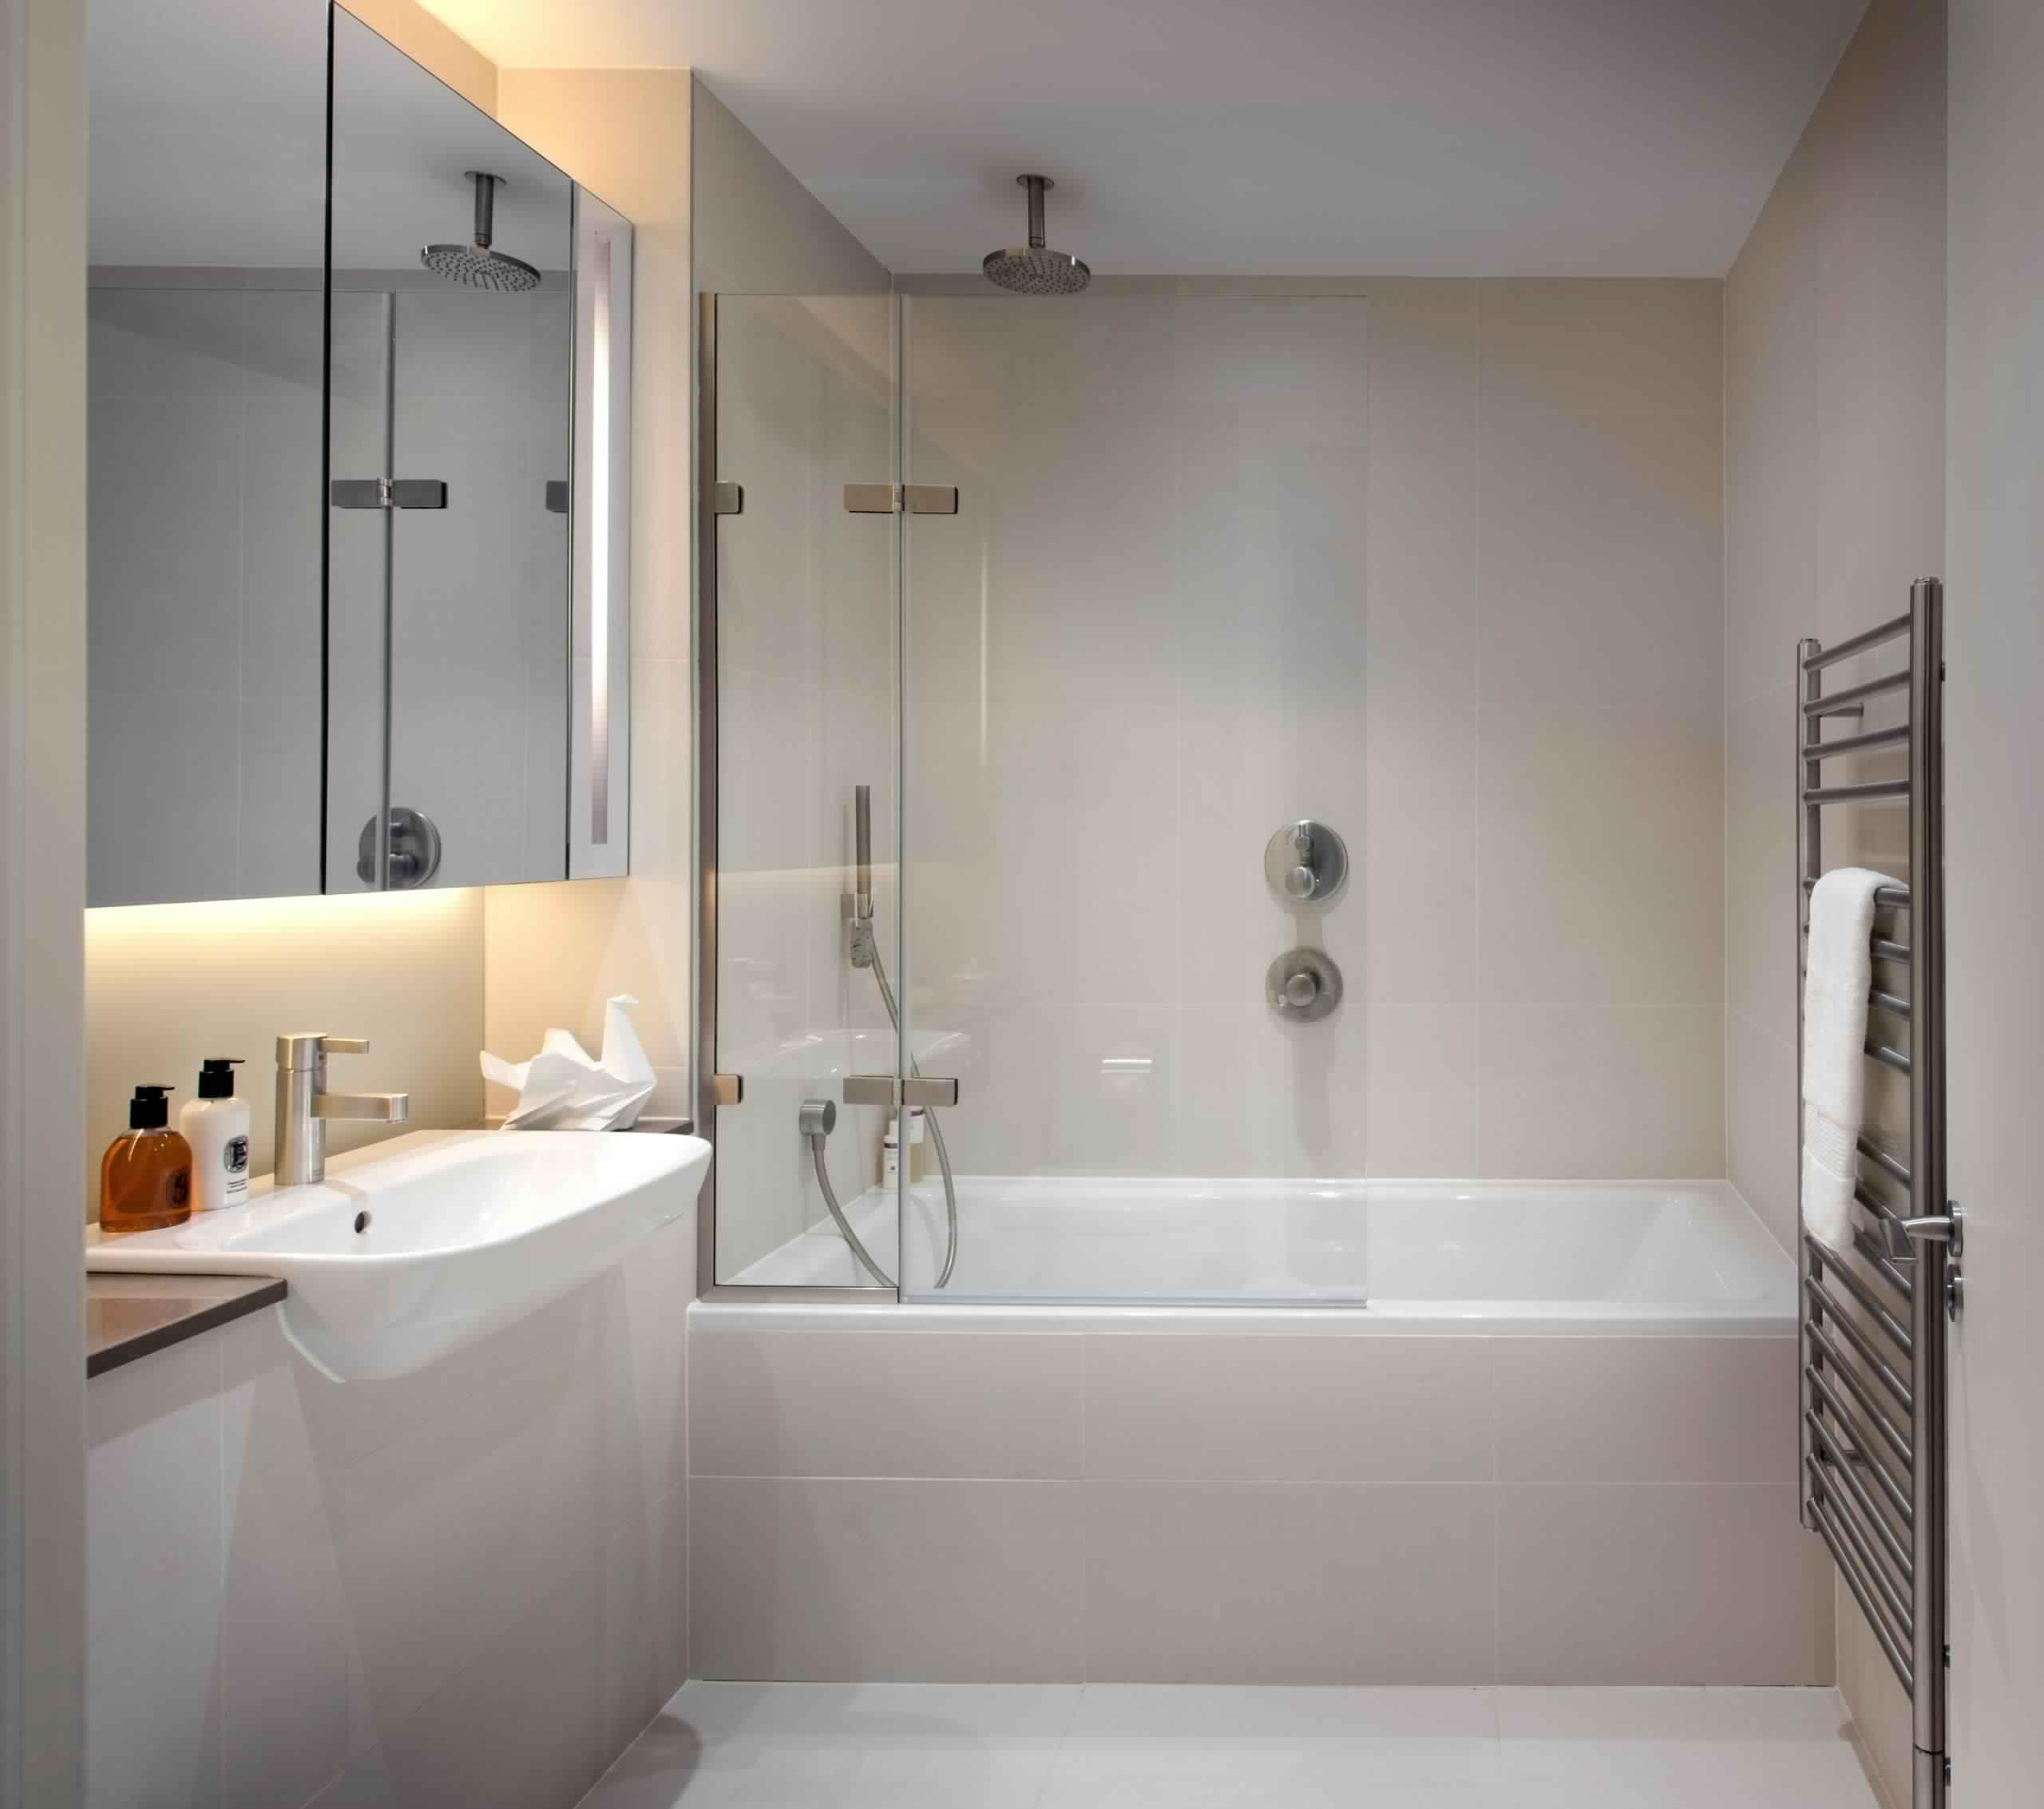 Smallest Bathtub size-Modern design for small bathtub